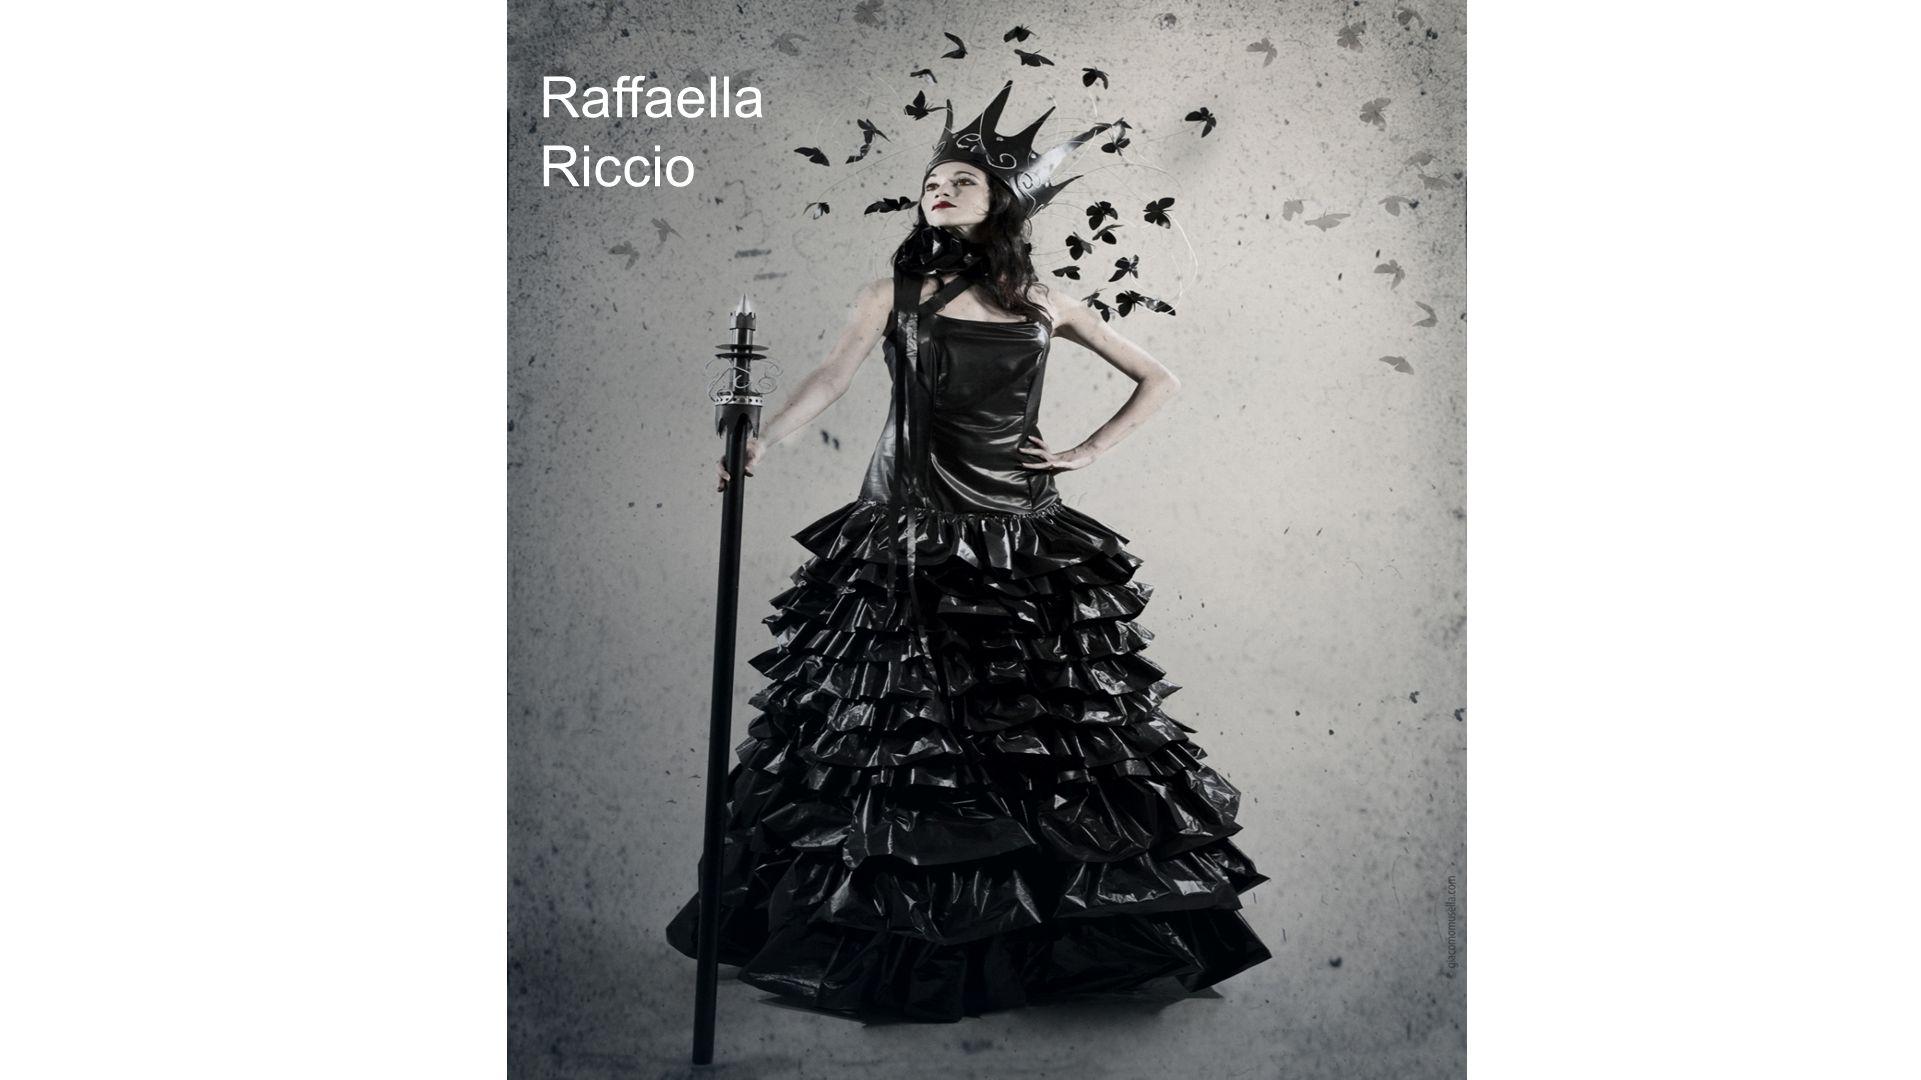 Raffaella Riccio